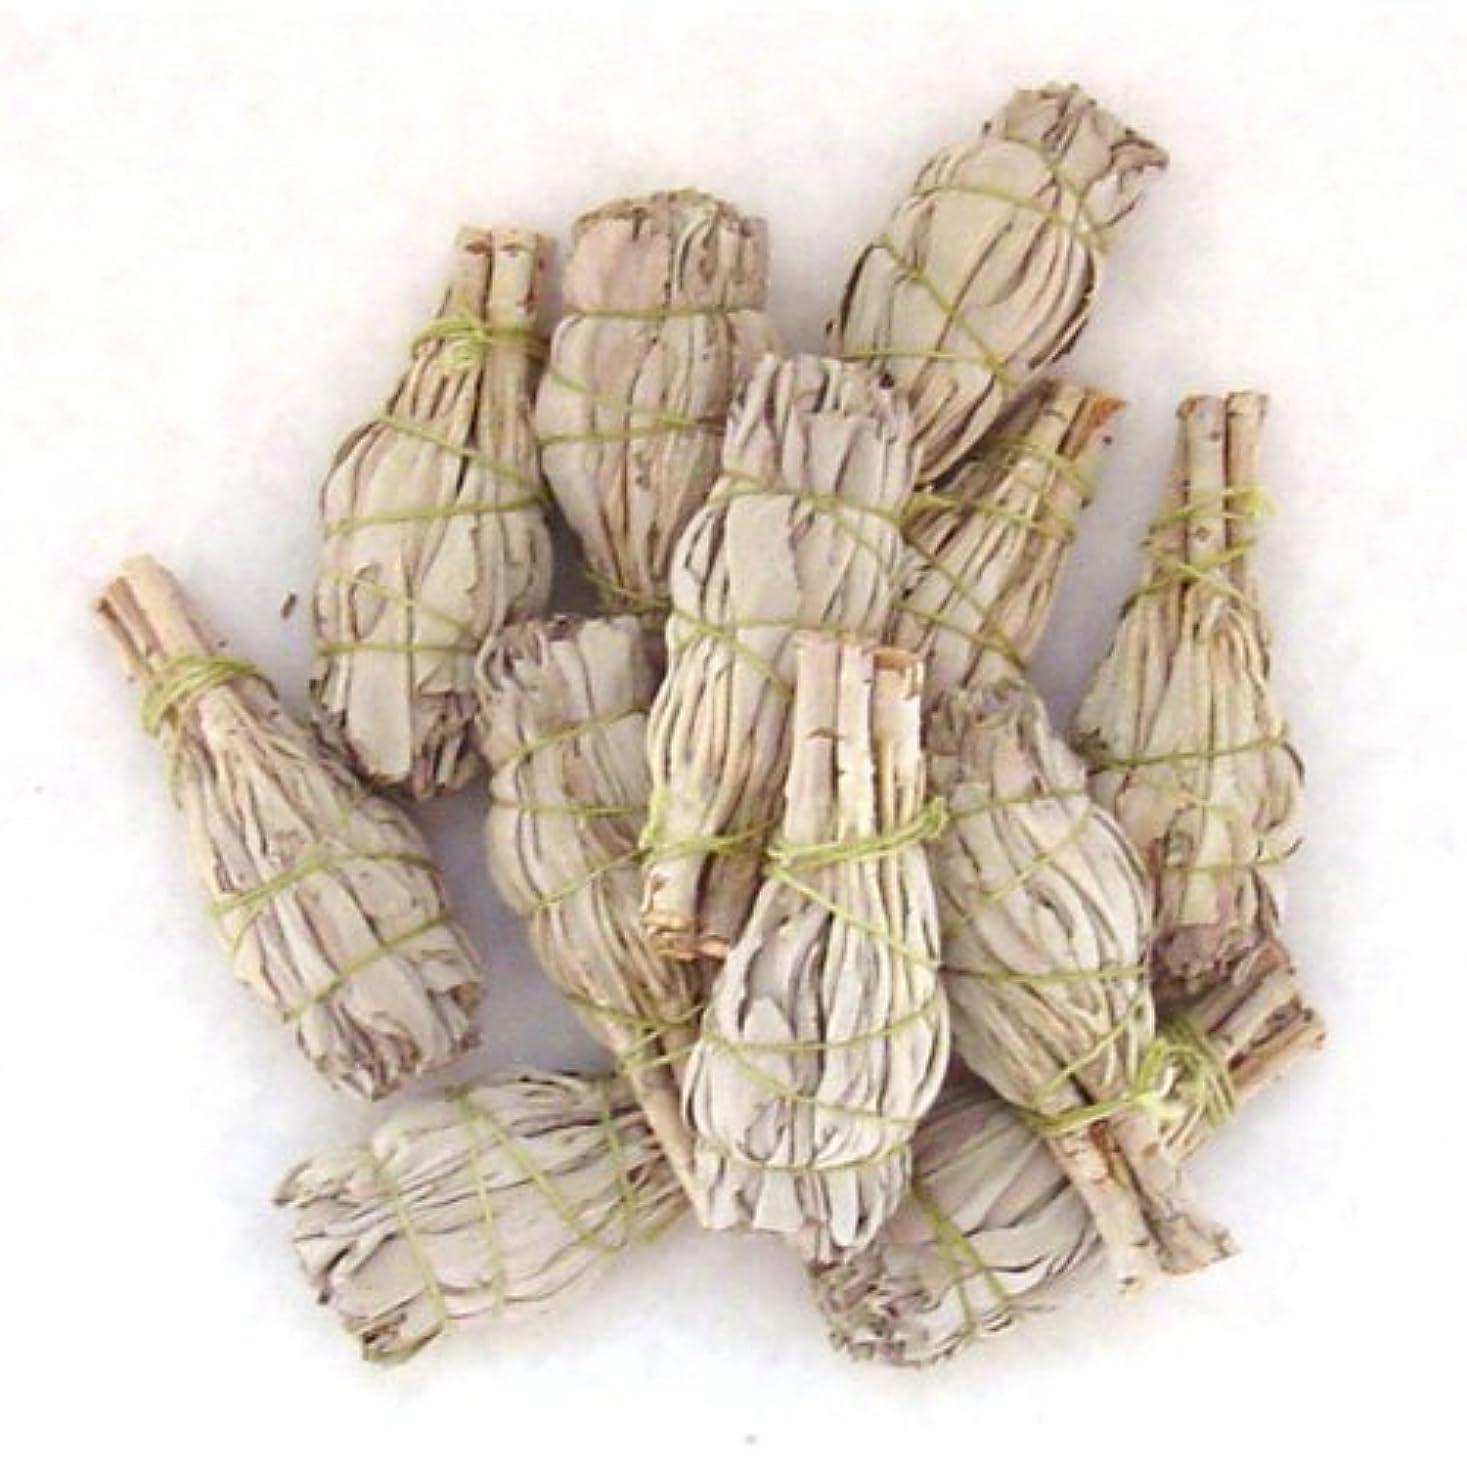 噴火のぞき穴グリースMiniホワイトセージお香Wands – のセットで販売4束